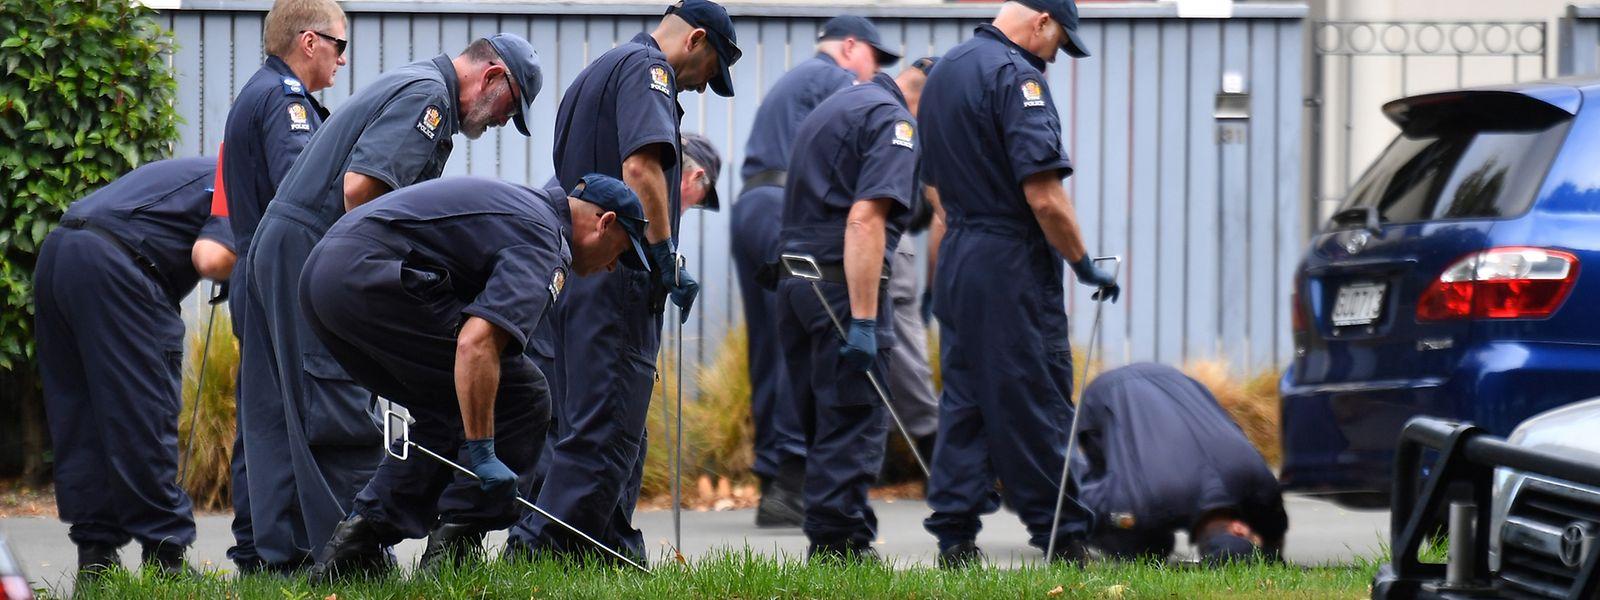 Polizisten suchen nach Beweisen in der Nähe der Al-Nur-Moschee.